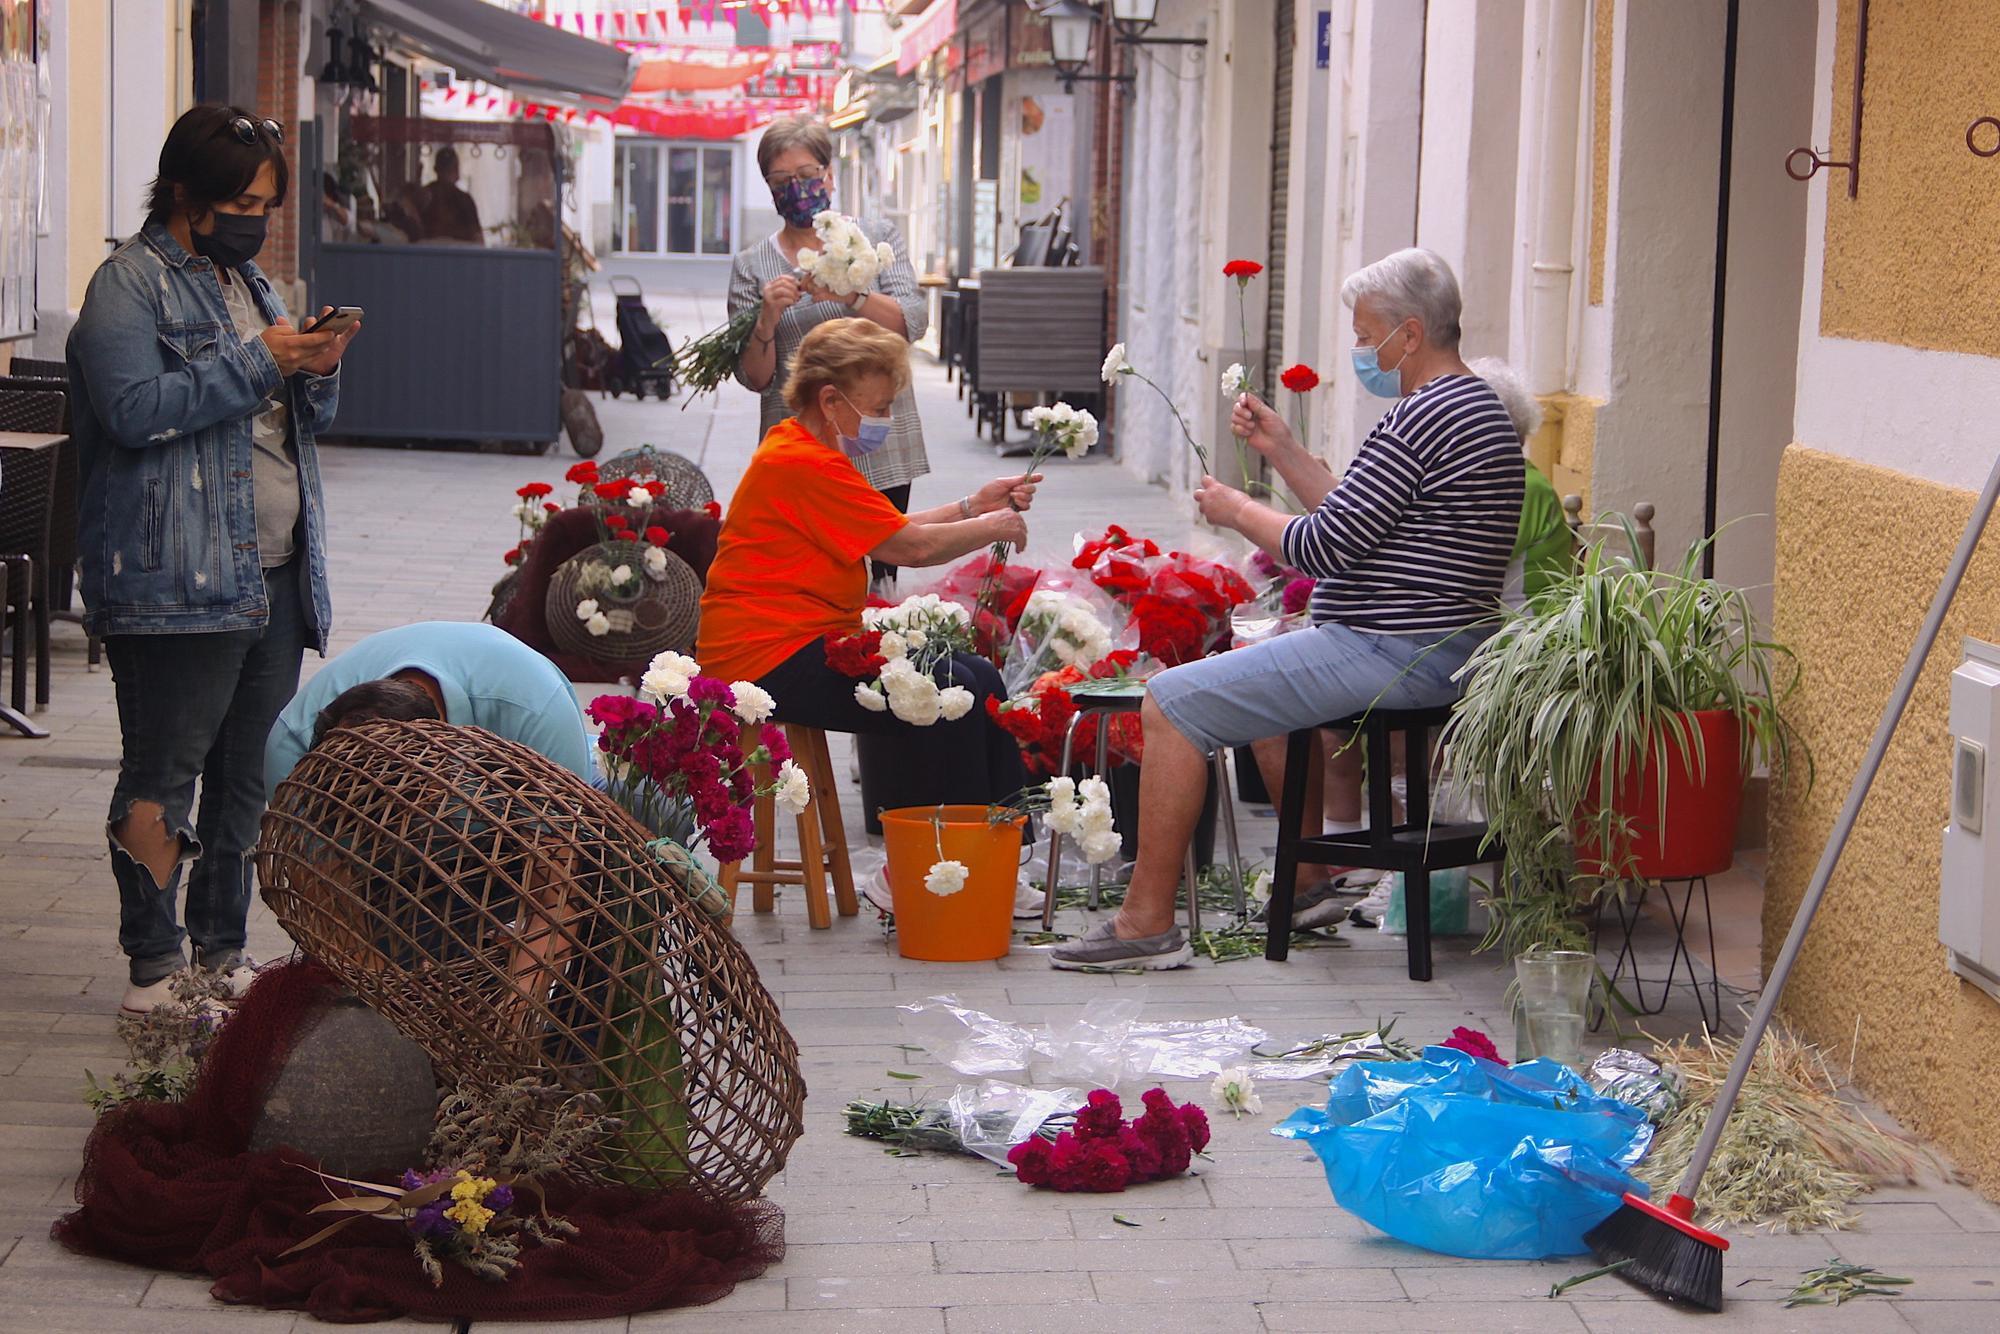 Catifes i mostres florals, gastronomia, còctels i decoracions fan florir Roses